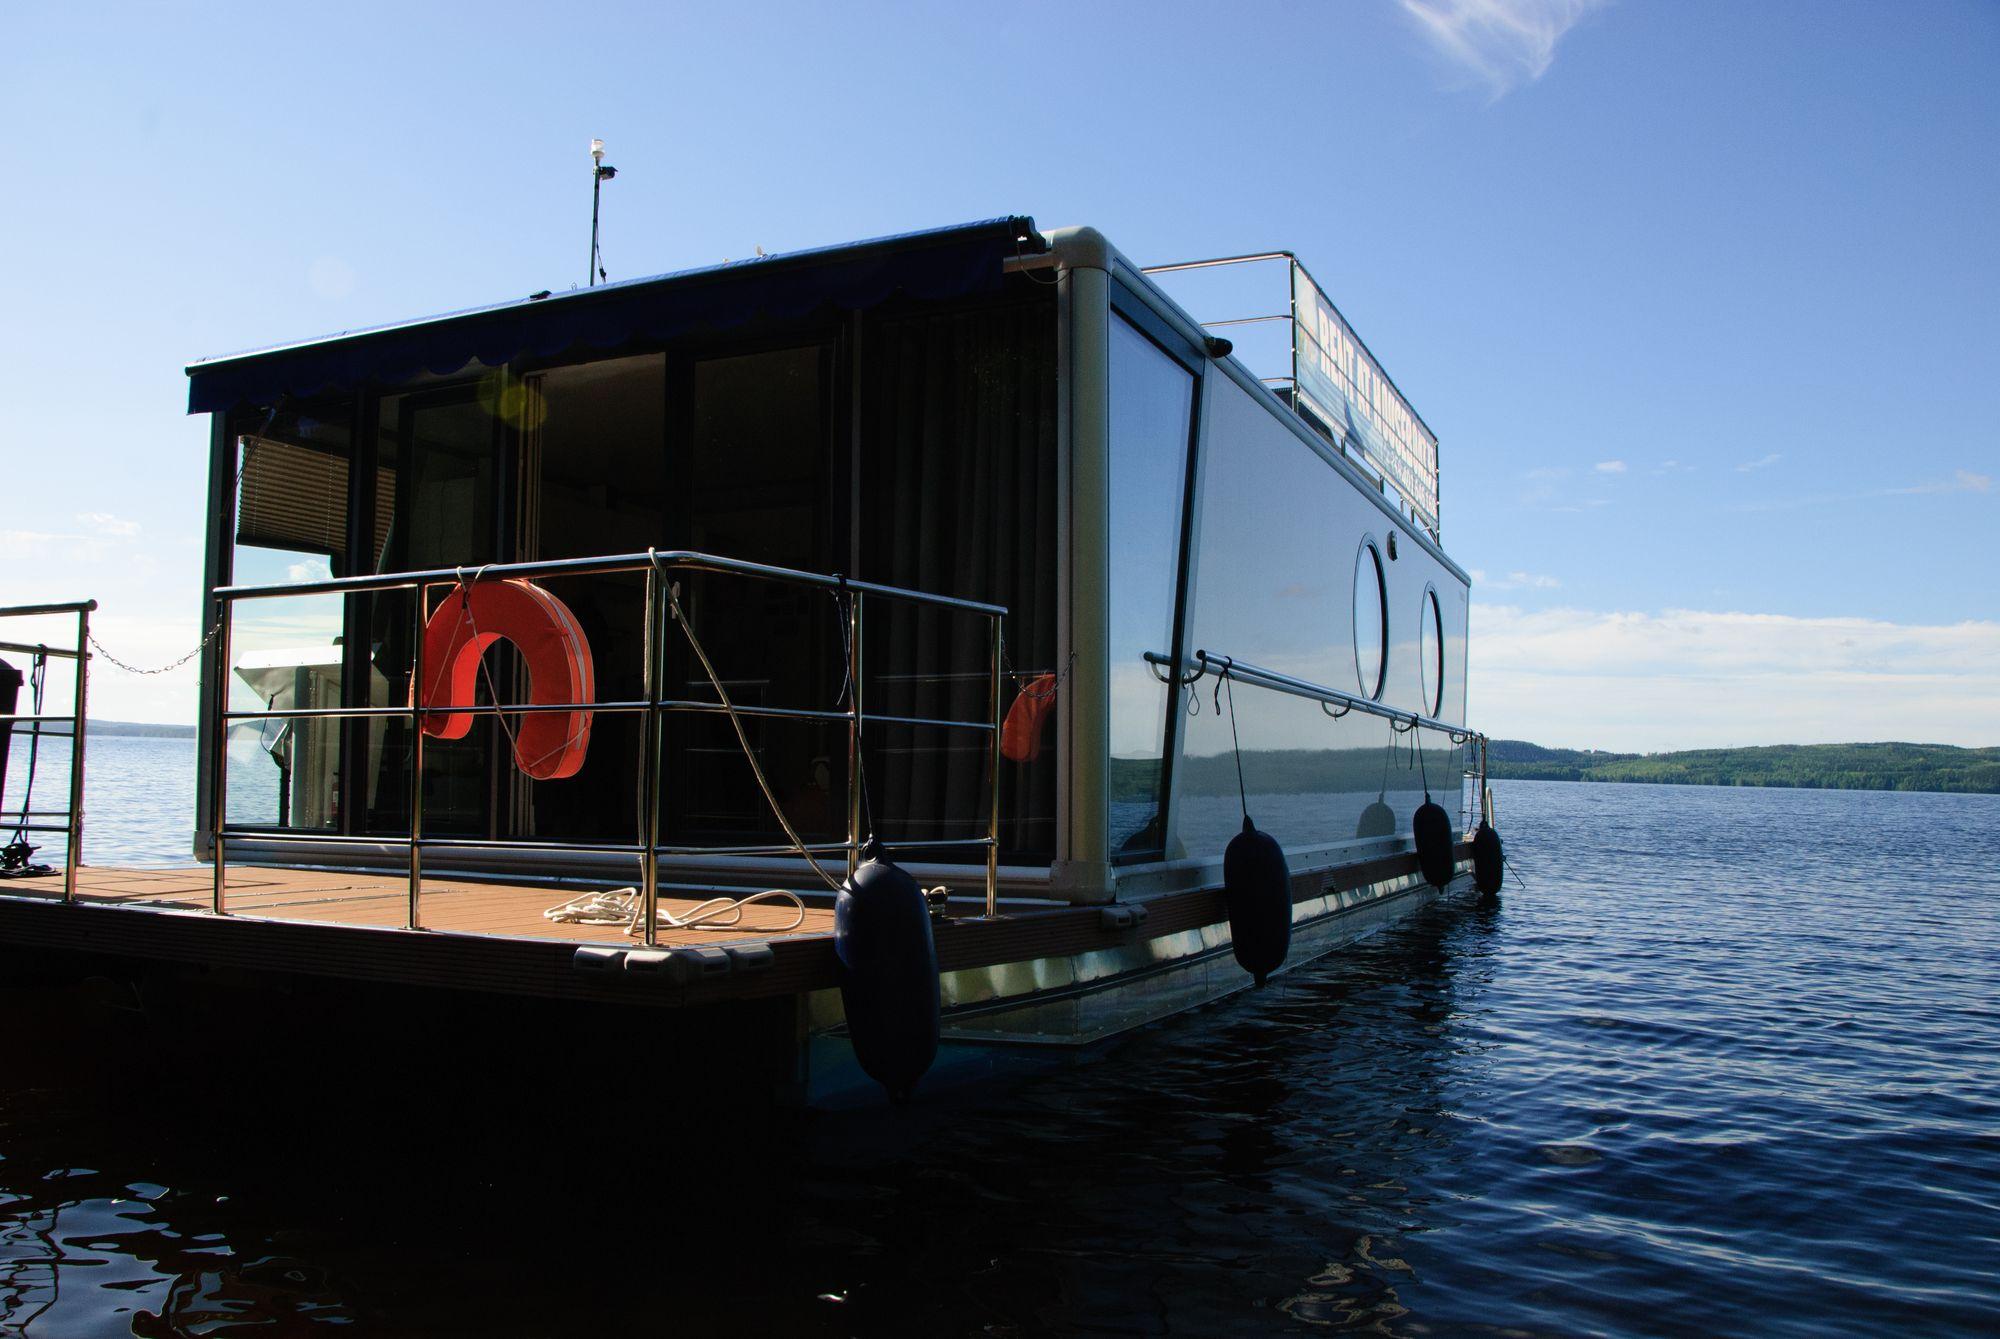 Houseboat DeLuxe - veneet ja laivat juhliin / Venuu.fi